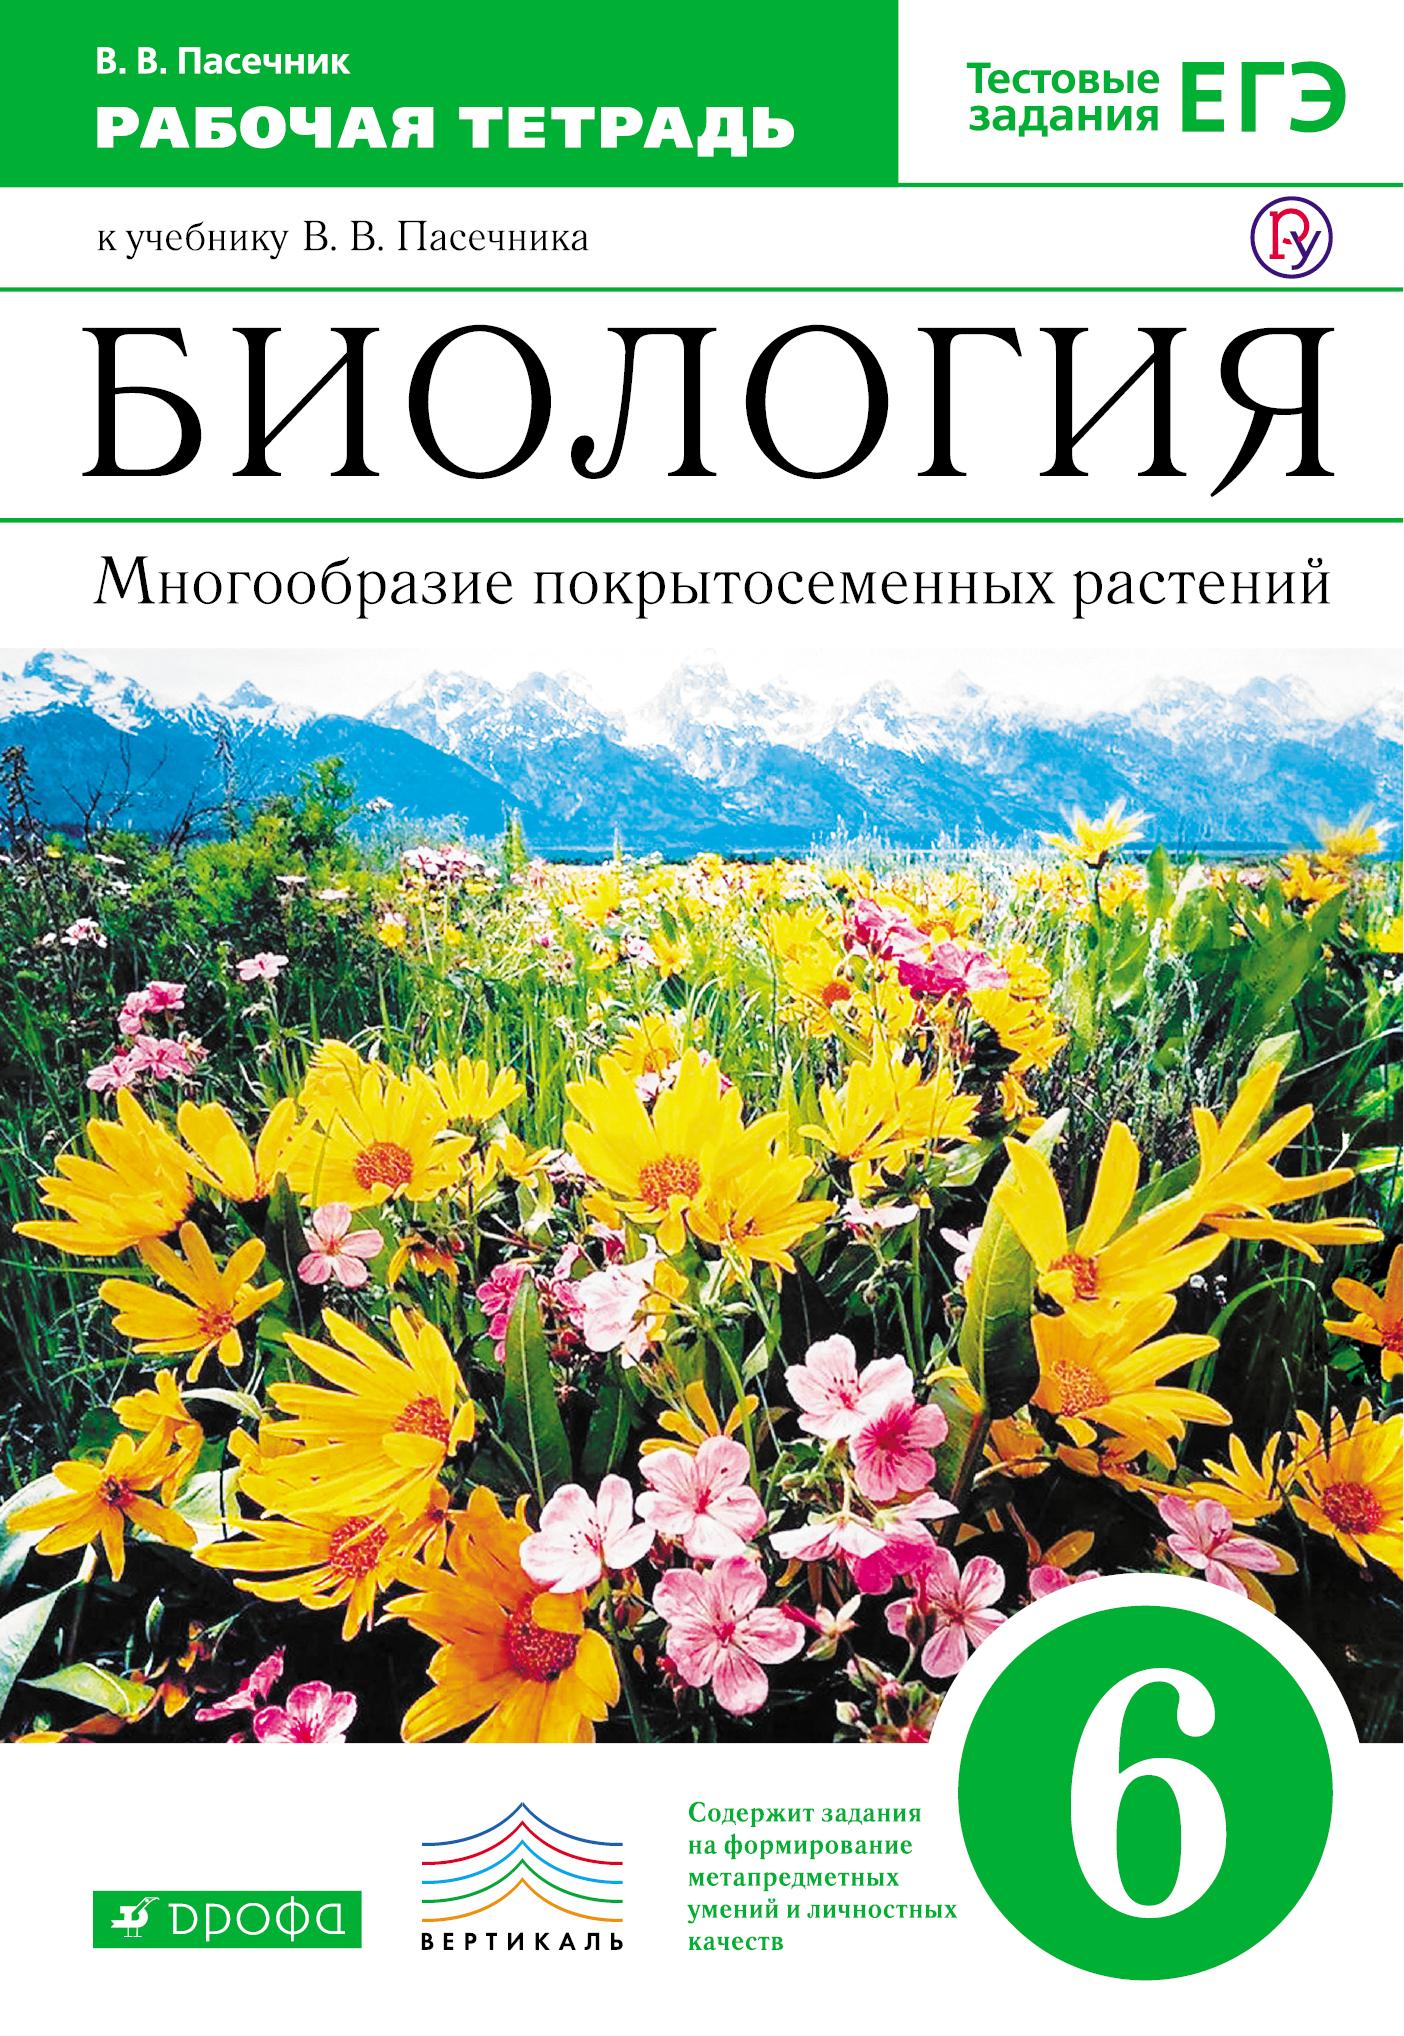 Биология. Многообразие покрытосеменных растений. 6 класс. Рабочая тетрадь (с тестовыми заданиями ЕГЭ).